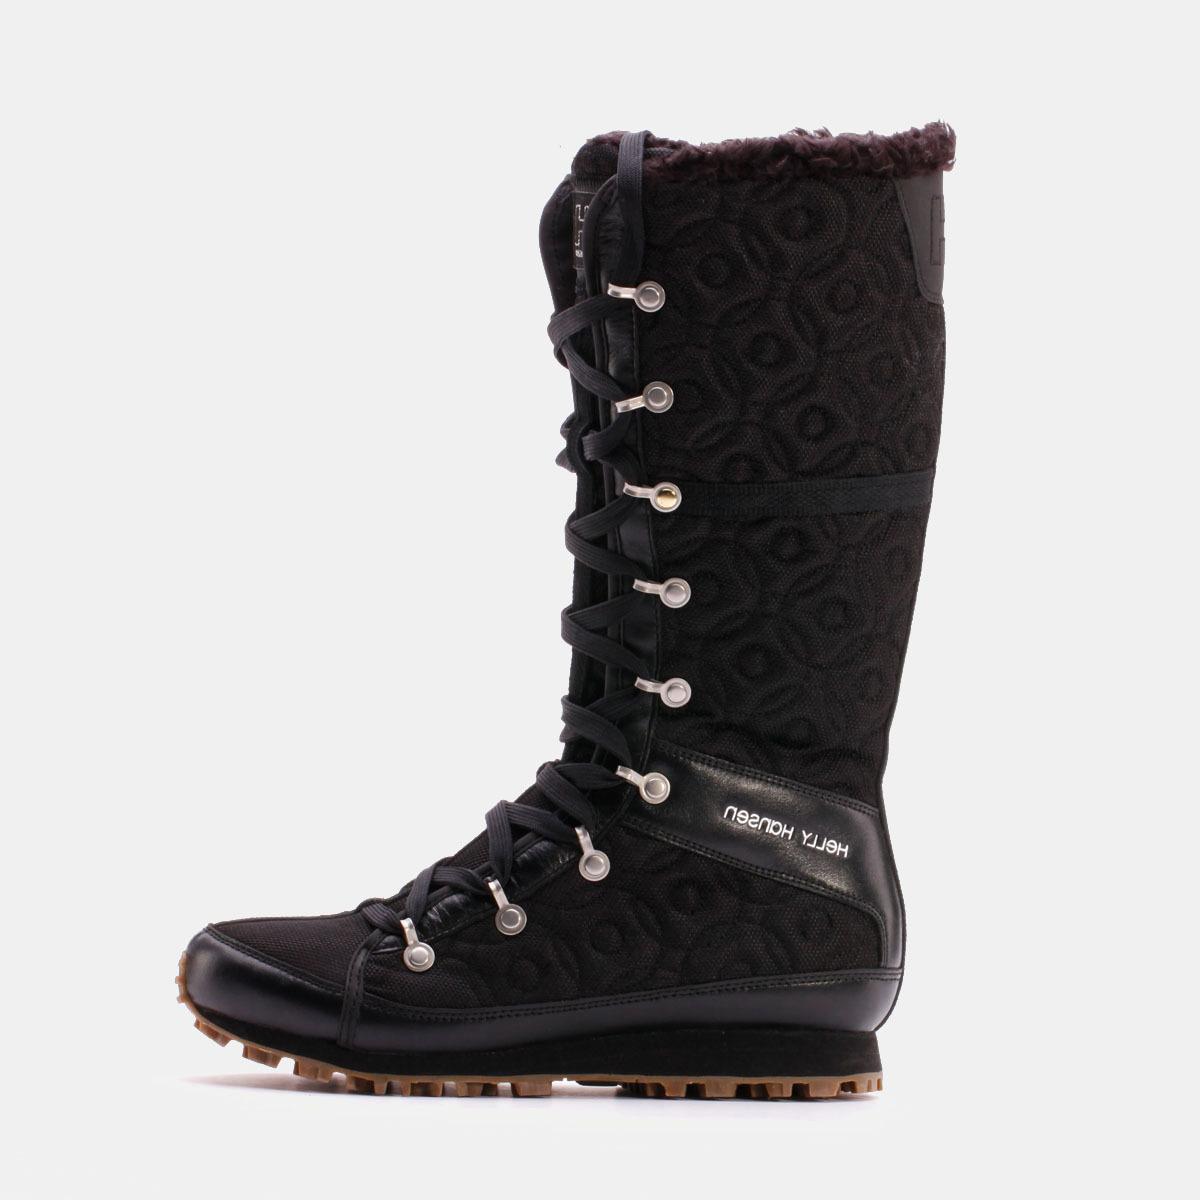 Вернуть зимние ботинки в магазин